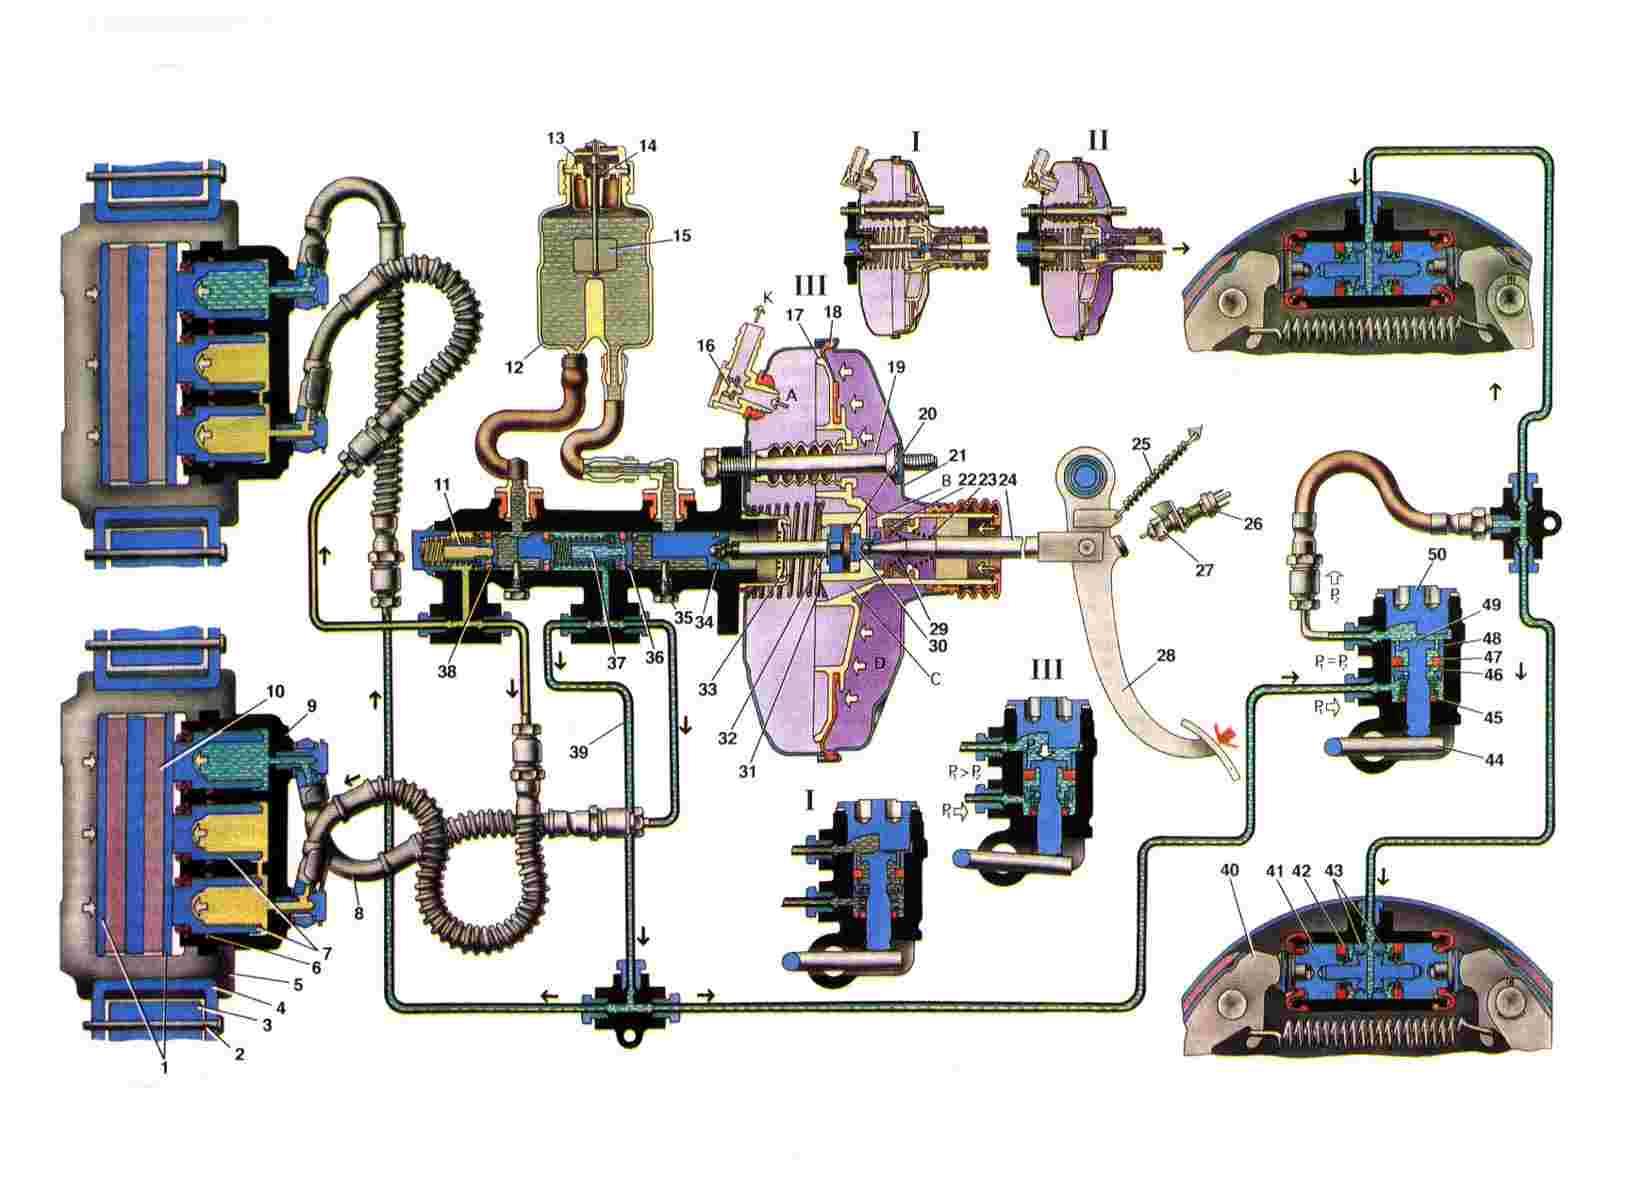 Ваз 2110 тормозная система, принцип работы, возможные проблемы и их устранение